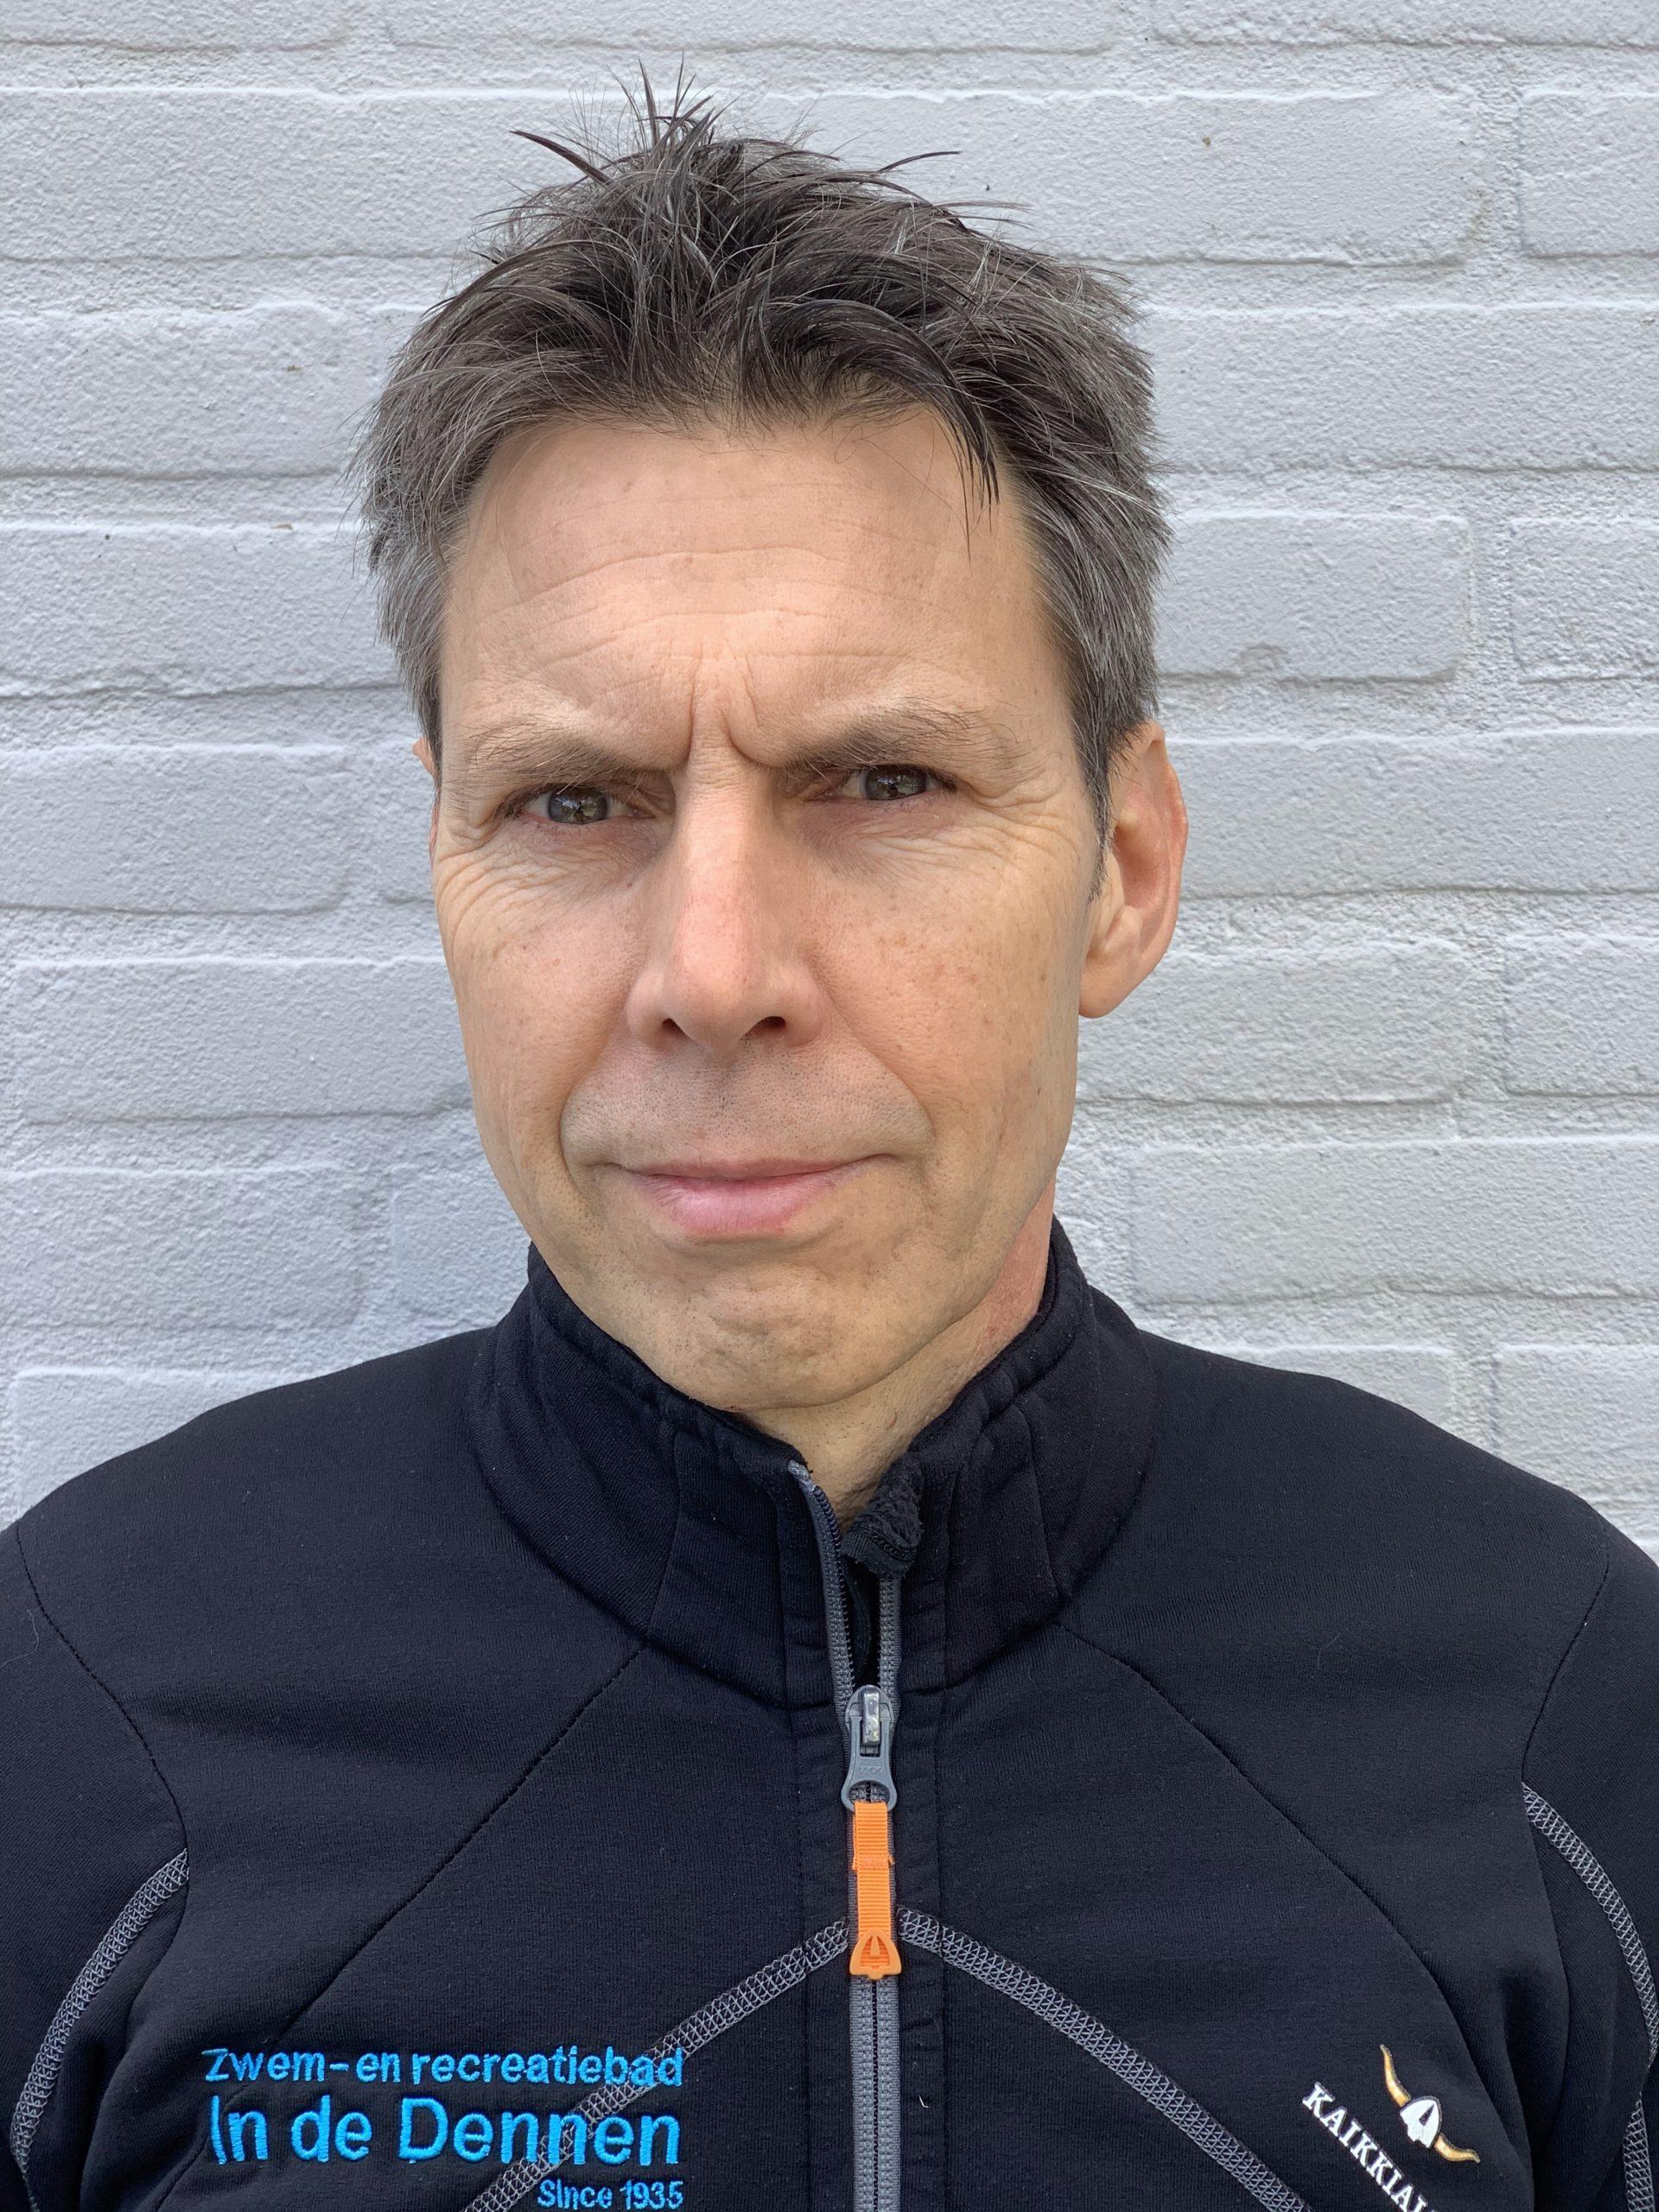 Ernst Jan Somsen